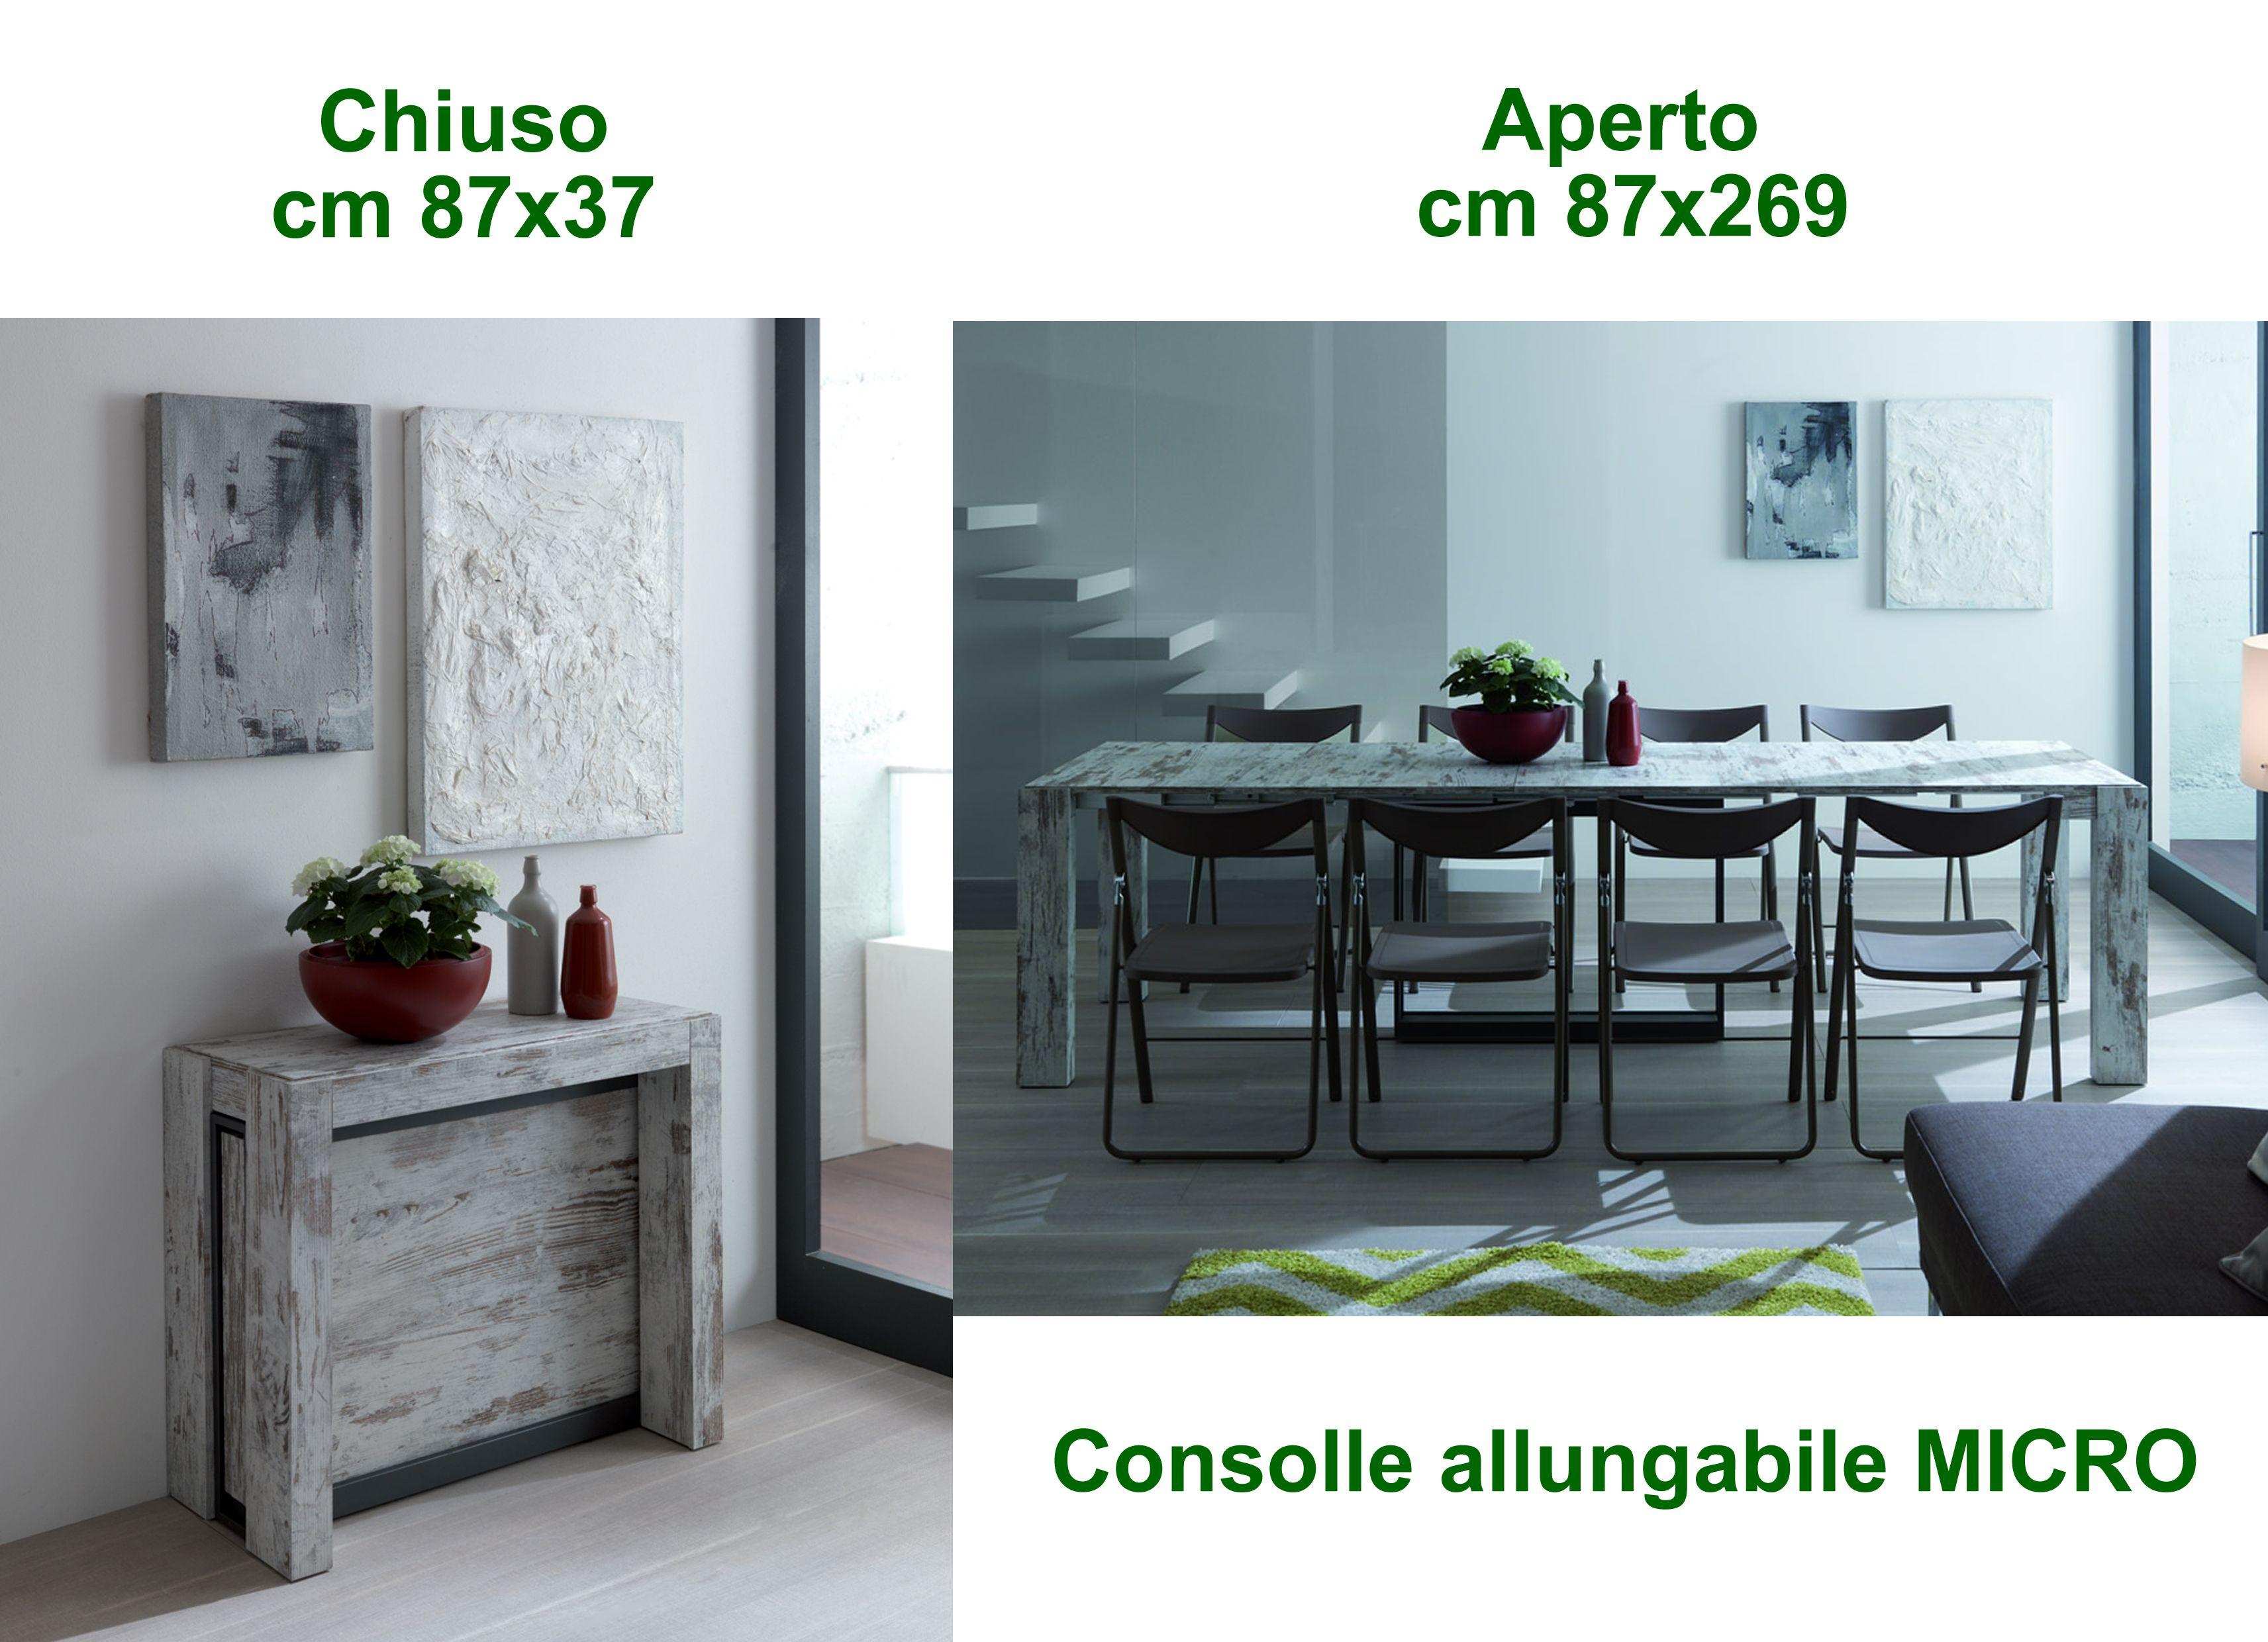 Tavolo Consolle Allungabile Con Prolunghe Interne.Tavolo Consolle Micro Cm 87 37 Chiuso Fino A 87 269 Aperto